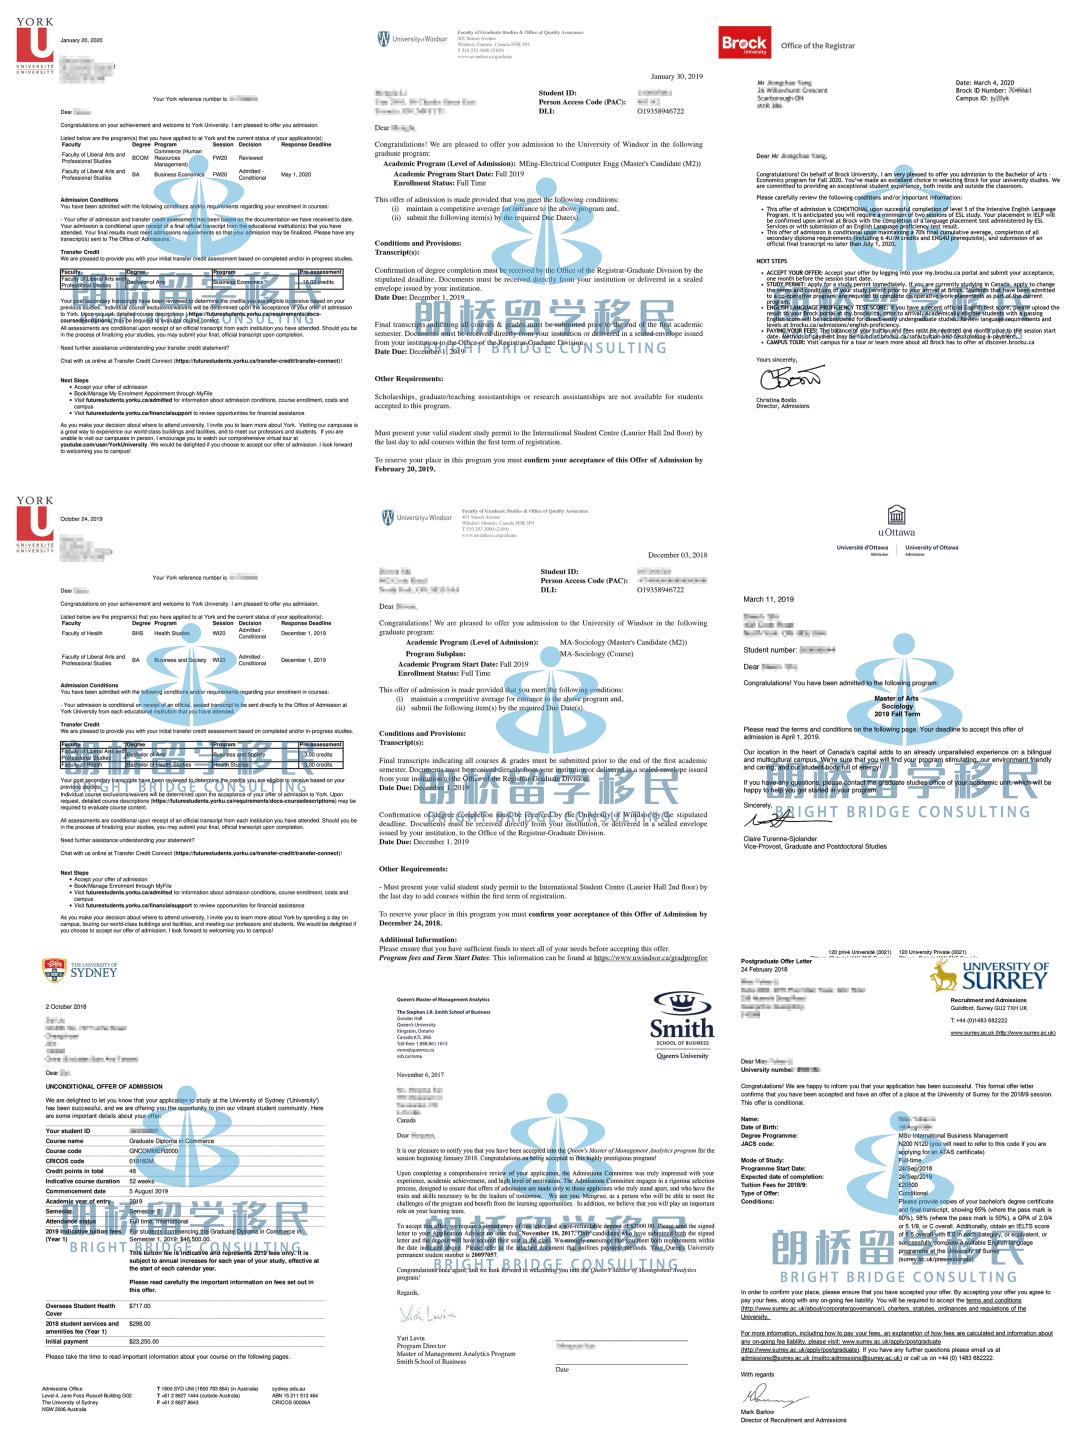 移民加拿大必做的WES学历认证保姆级攻略,你还没get吗?